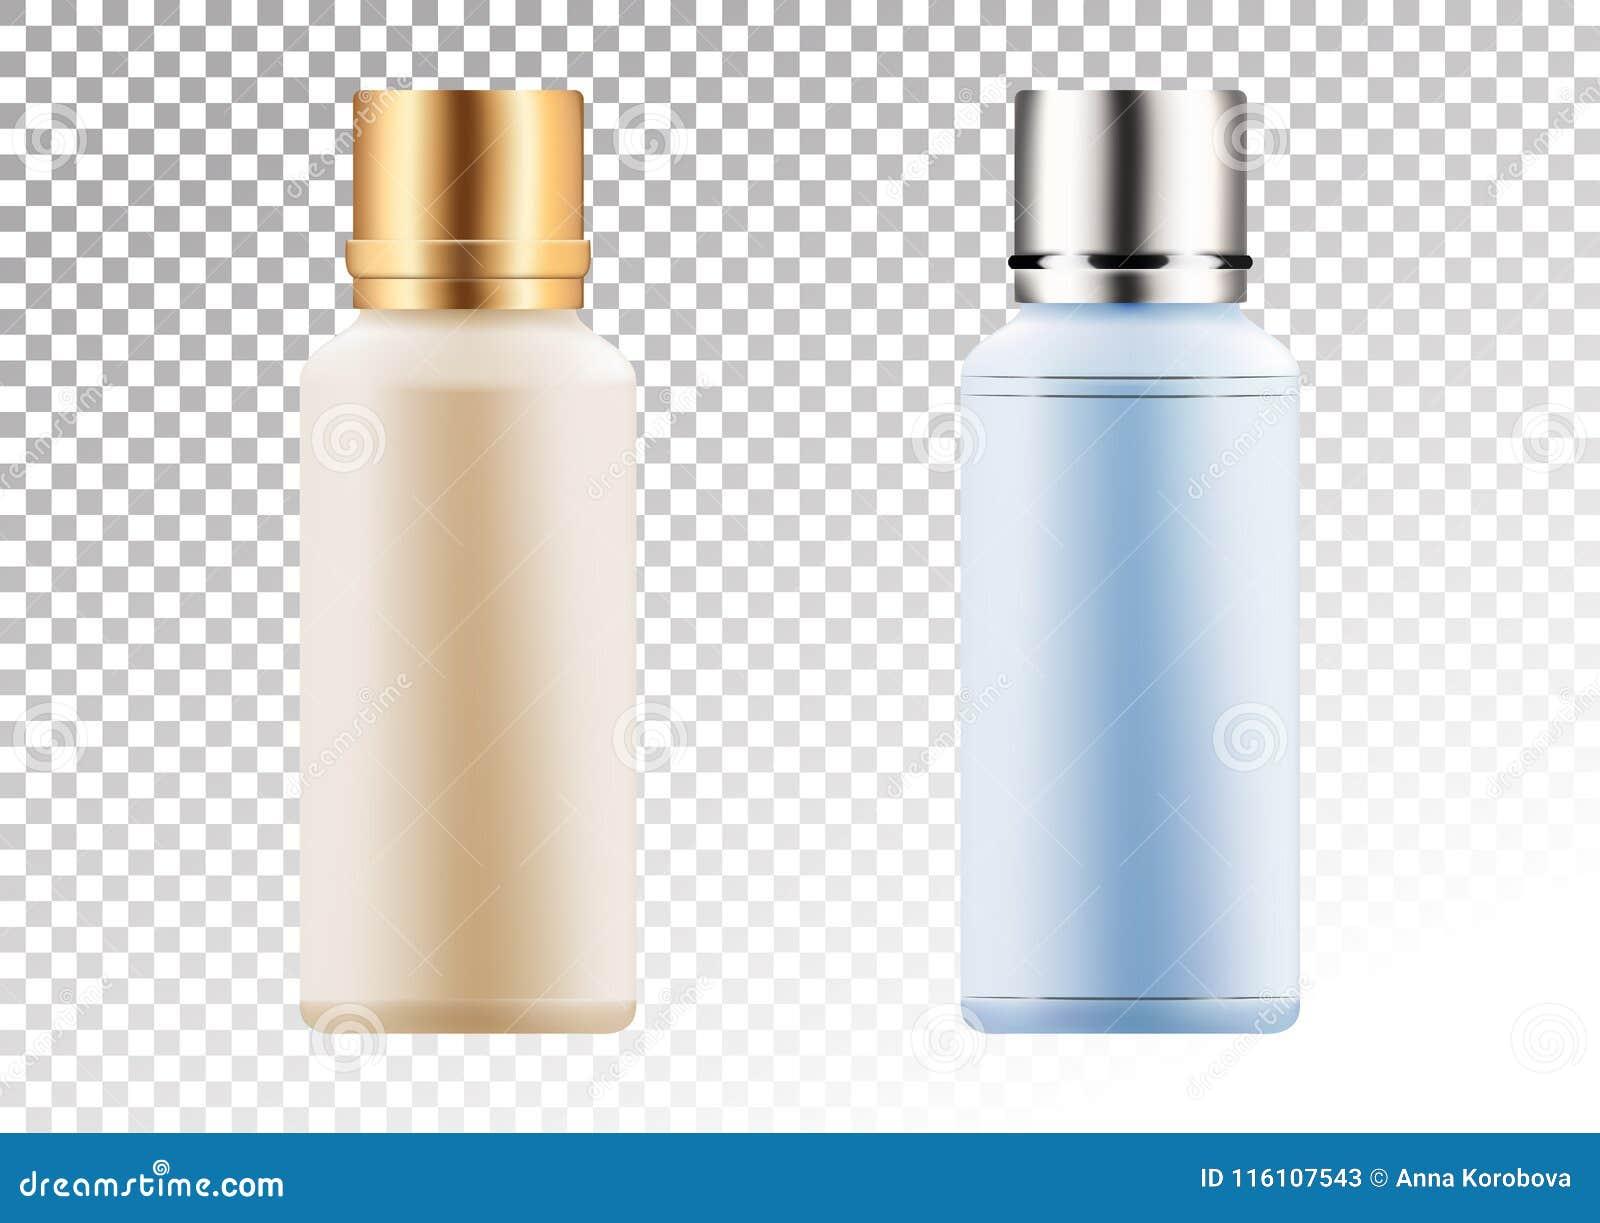 Vector o ouro vazio e o pacote cor-de-rosa para produtos cosméticos tubo e garrafa para a loção, gel do chuveiro, champô, tônico